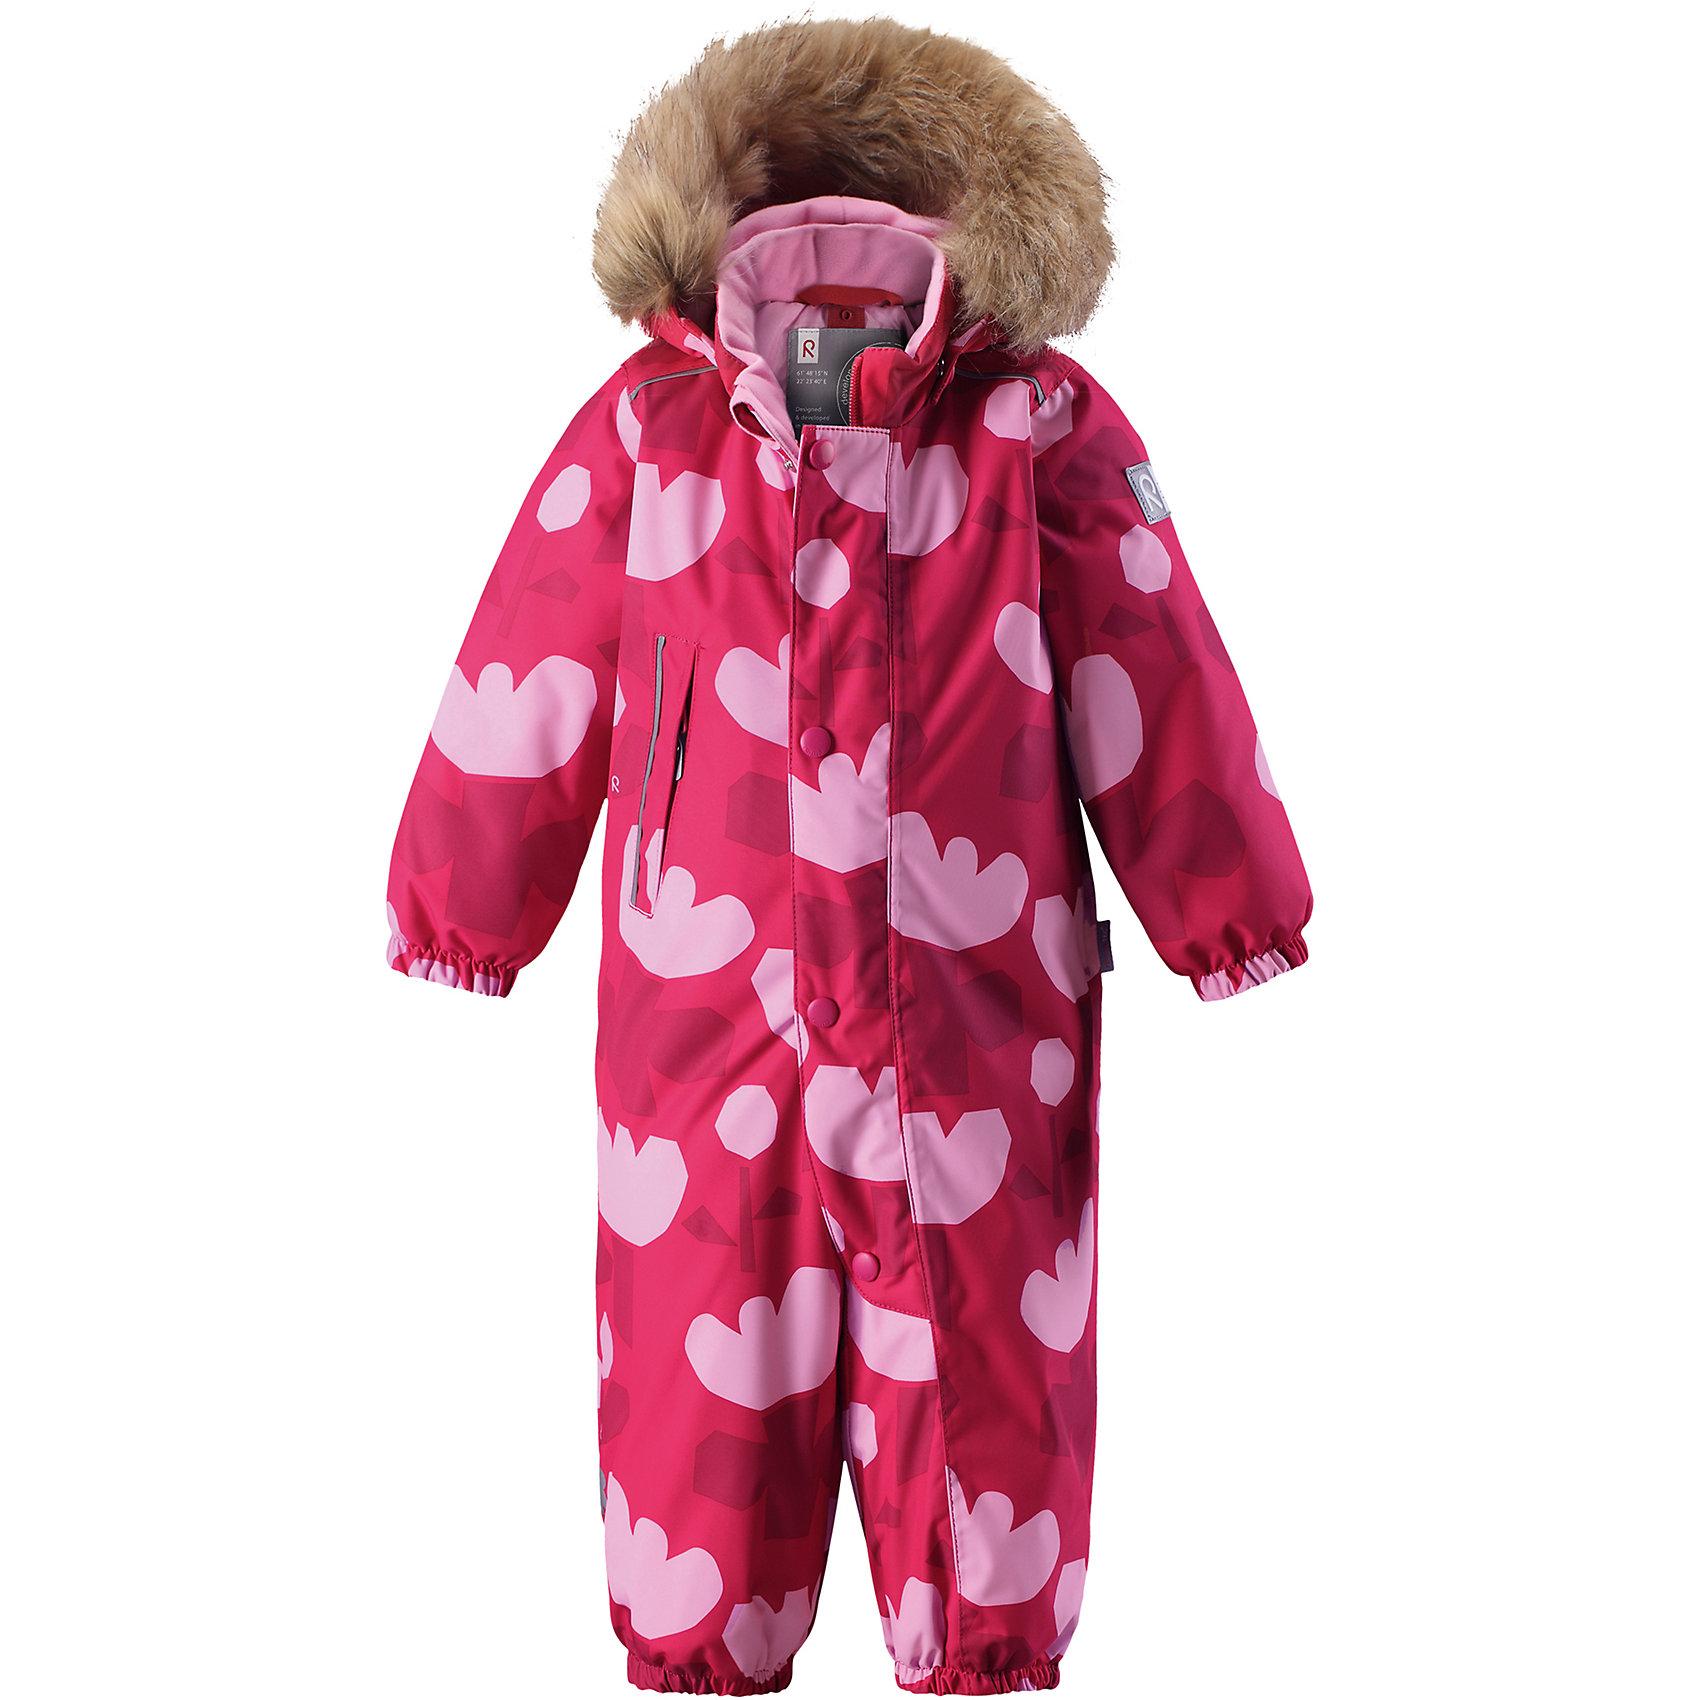 Комбинезон Reima Reimatec® Nuoska для девочкиВерхняя одежда<br>Характеристики товара:<br><br>• цвет: розовый<br>• состав: 100% полиэстер<br>• утеплитель: 160 г/м2 (soft loft insulation)<br>• сезон: зима<br>• температурный режим: от 0 до -20С<br>• водонепроницаемость: 15000 мм<br>• воздухопроницаемость: 7000 мм<br>• износостойкость: 40000 циклов (тест Мартиндейла)<br>• особенности модели: с рисунком,  с мехом<br>• основные швы проклеены и не пропускают влагу<br>• водо- и ветронепроницаемый, дышащий и грязеотталкивающий материал<br>• утепленная задняя часть изделия<br>• гладкая подкладка из полиэстера<br>• безопасный, съемный, регулируемый капюшон<br>• съемный искусственный мех на капюшоне<br>• защита подбородка от защемления<br>• эластичные манжеты и штанины<br>• эластичная талия<br>• съемные эластичные штрипки <br>• длинная молния для легкого надевания<br>• дополнительная планка с кнопками<br>• карман на молнии<br>• светоотражающие детали<br>• страна бренда: Финляндия<br>• страна изготовитель: Китай<br><br>Зимний комбинезон на молнии для девочки! Основные швы комбинезона проклеены, а сам он изготовлен из водо и ветронепроницаемого, грязеотталкивающего материала. Утепленная задняя часть обеспечит дополнительное утепление во время игр в снегу.<br><br>Гладкая подкладка и длинная молния облегчают надевание, а талия в комбинезоне регулируется. Маленький карман на молнии надежно сохранит все сокровища. Обратите внимание: комбинезон можно сушить в сушильной машине. Зимний комбинезон с капюшоном для девочки декорирован рисунком с цветами.<br><br>Комбинезон Nuoska для девочки Reimatec® Reima от финского бренда Reima (Рейма) можно купить в нашем интернет-магазине.<br><br>Ширина мм: 356<br>Глубина мм: 10<br>Высота мм: 245<br>Вес г: 519<br>Цвет: розовый<br>Возраст от месяцев: 24<br>Возраст до месяцев: 36<br>Пол: Женский<br>Возраст: Детский<br>Размер: 98,74,80,86,92<br>SKU: 6908098